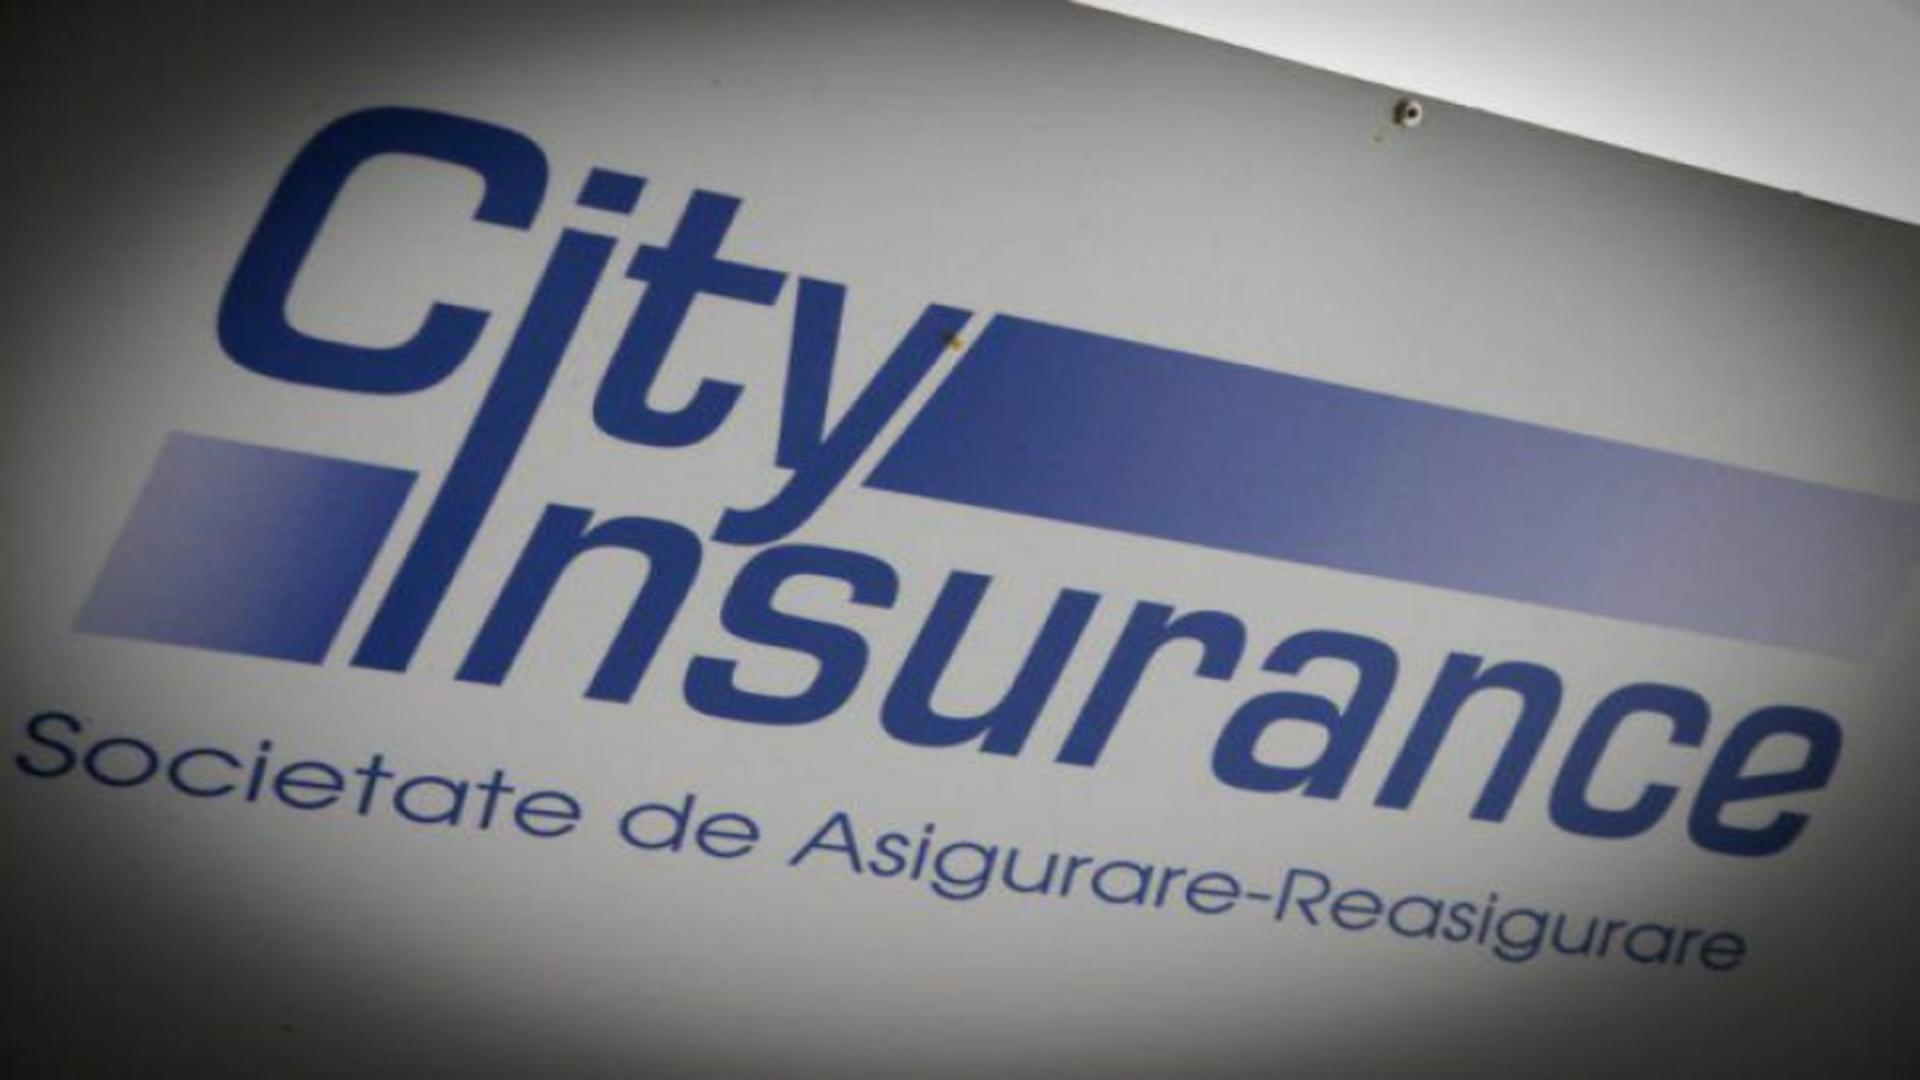 City Insurance, aproape de faliment